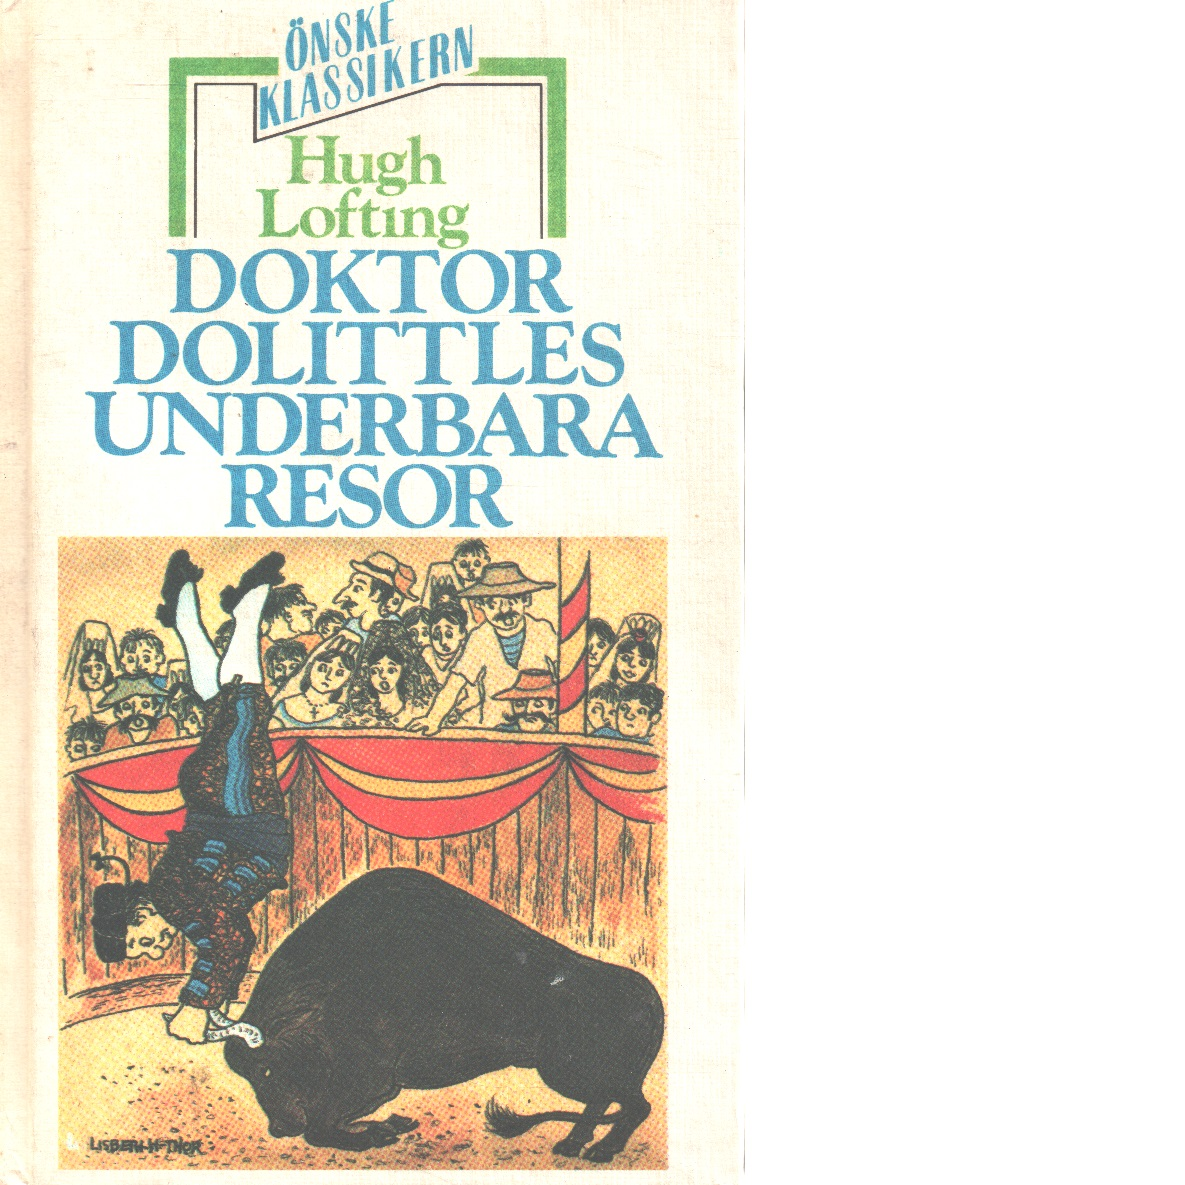 Doktor Dolittles underbara resor - Lofting, Hugh